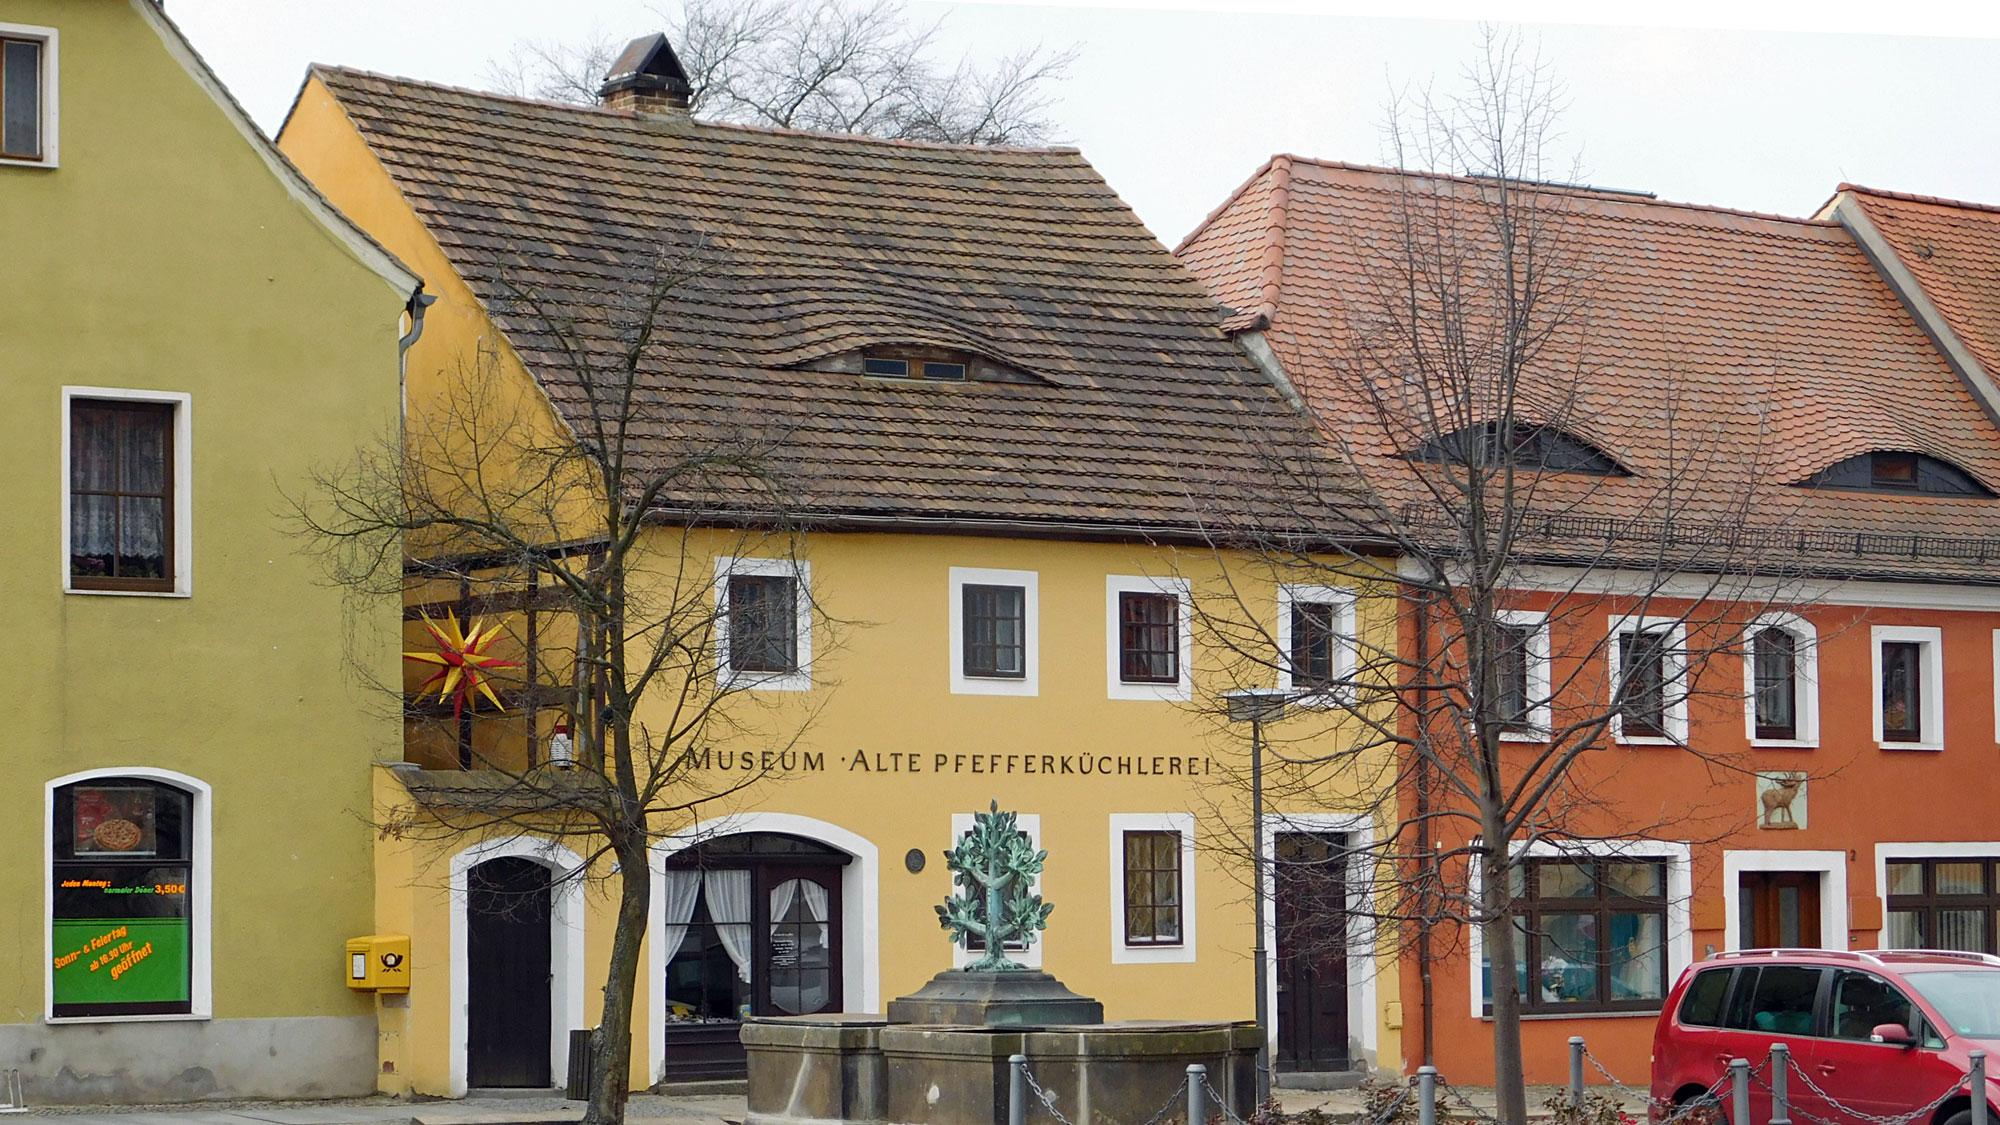 Oberlausitz Alte Pfefferküchlerei